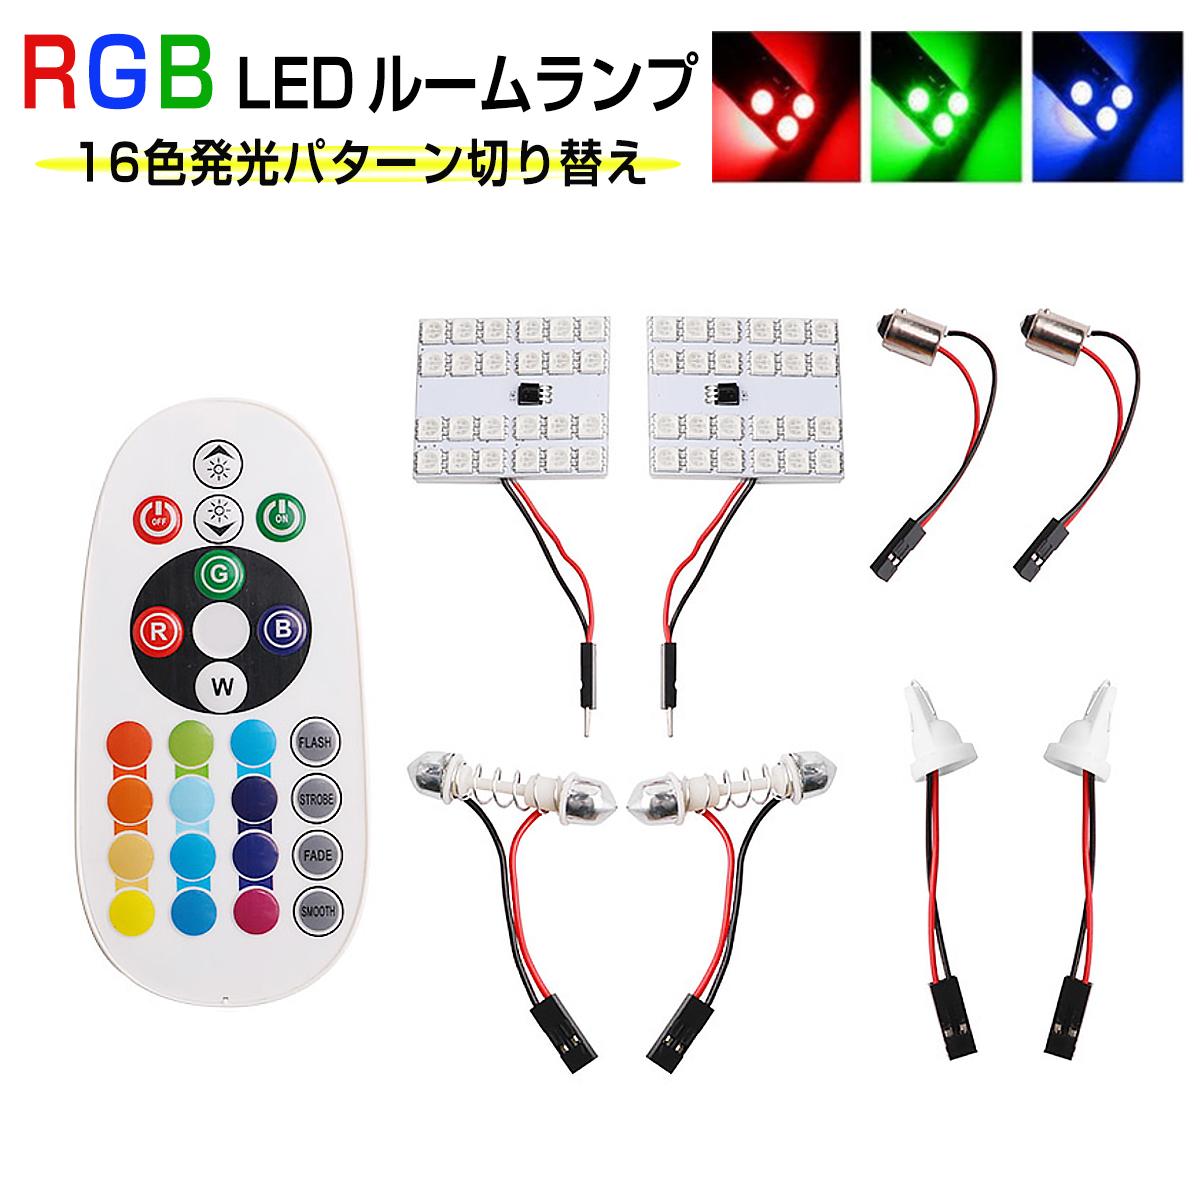 LED RGB 24SMD LED ルームランプ 16色 T10 BA9S T10×31 5050チップ SDM便送料無料 1ヶ月保証